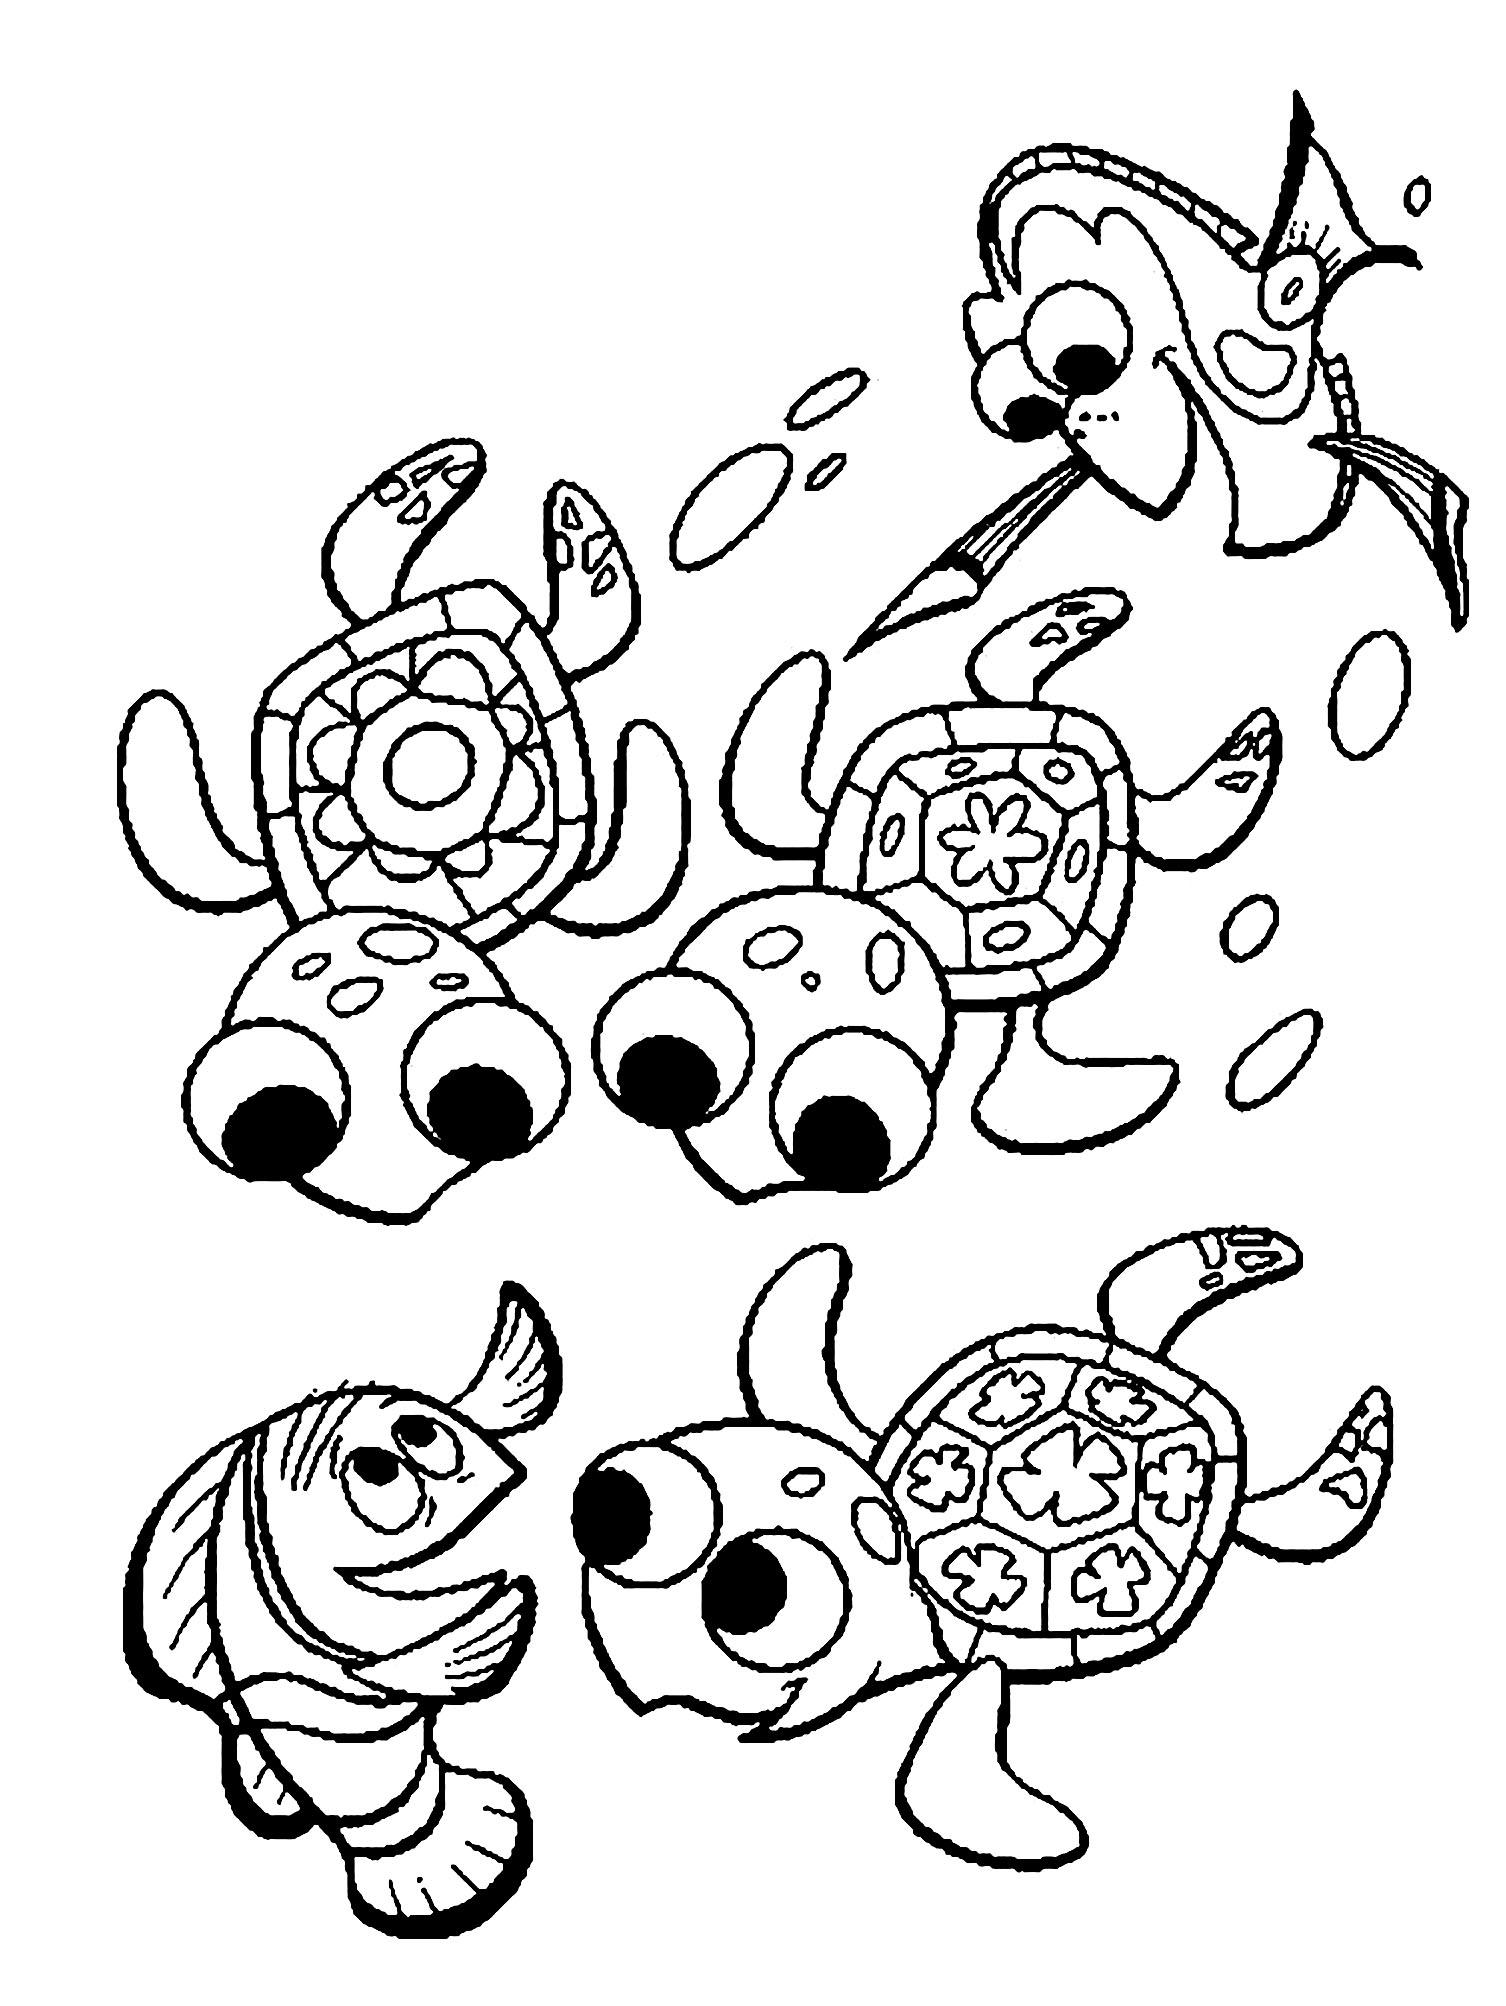 Dessin de tortue gratuit à imprimer et colorier - Coloriage de Tortues - Coloriages pour enfants